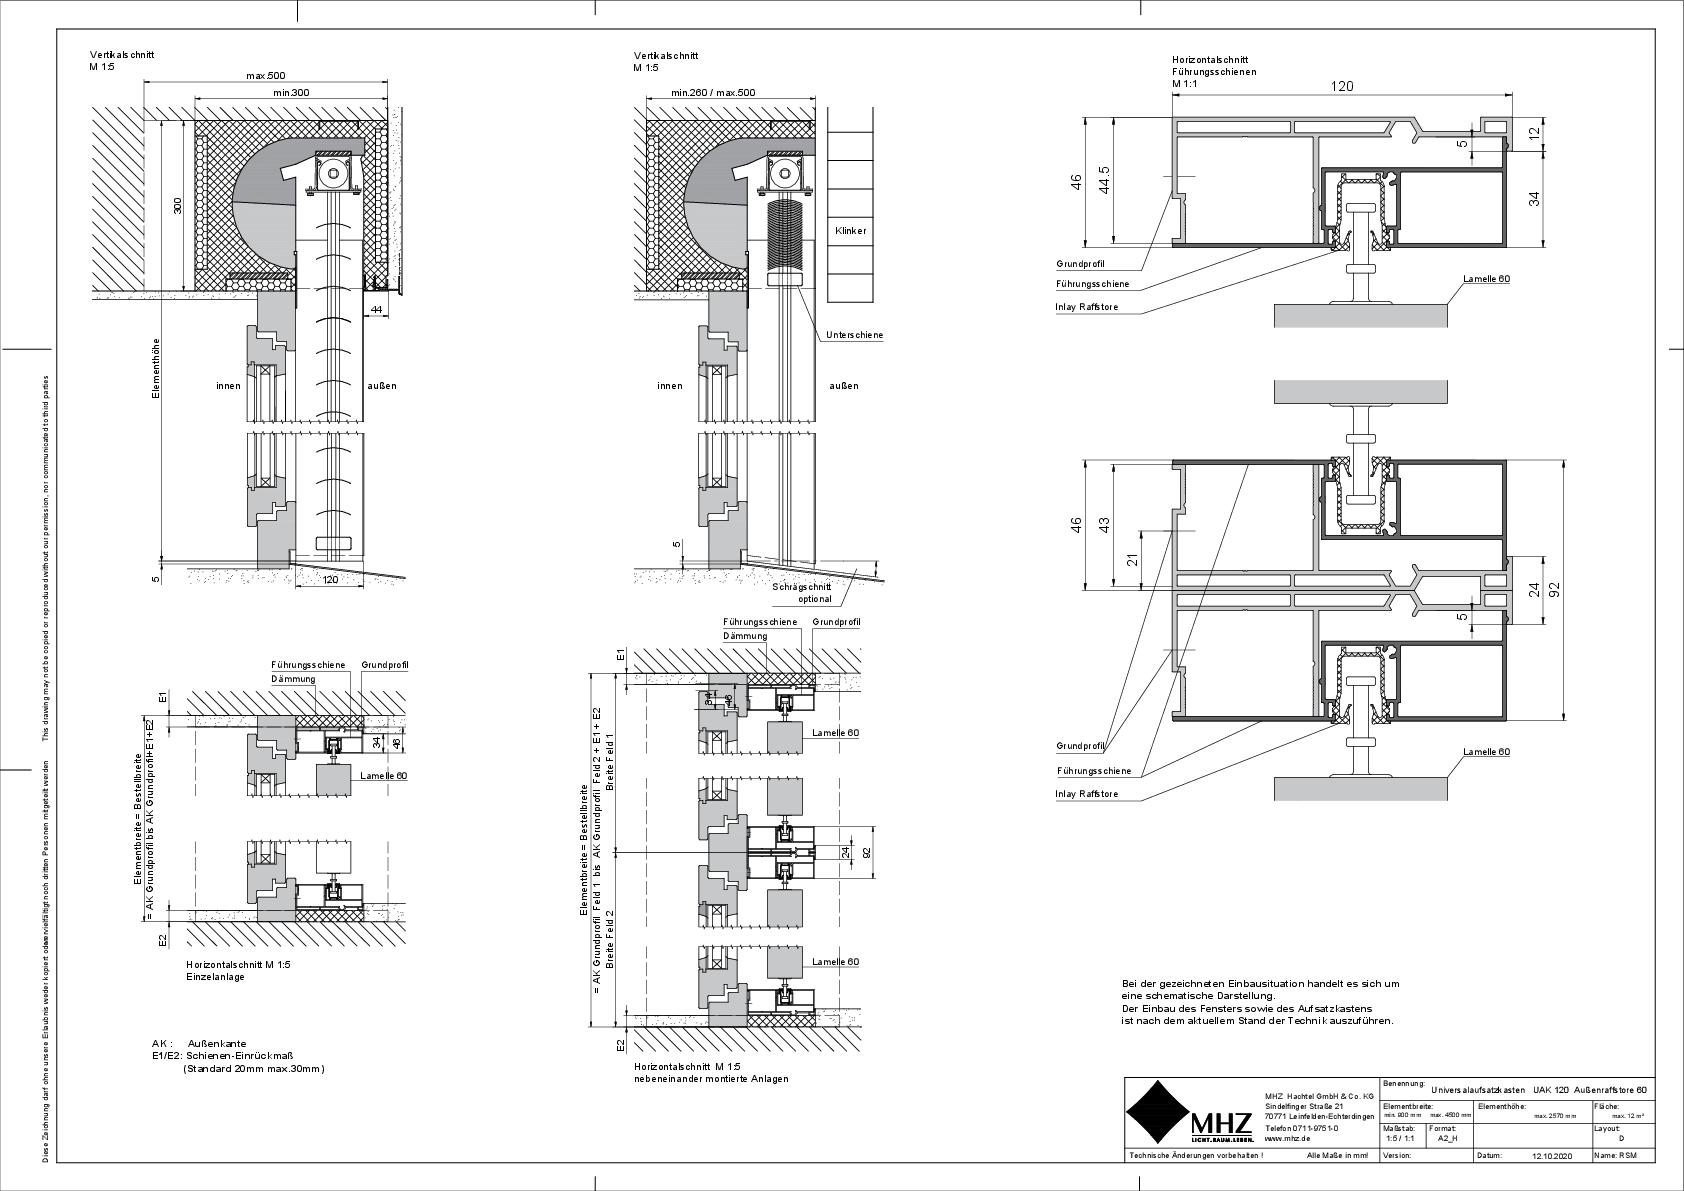 Technische Zeichnung Aufsatzkasten UAK_120 Außenraffstore 60 (pdf)